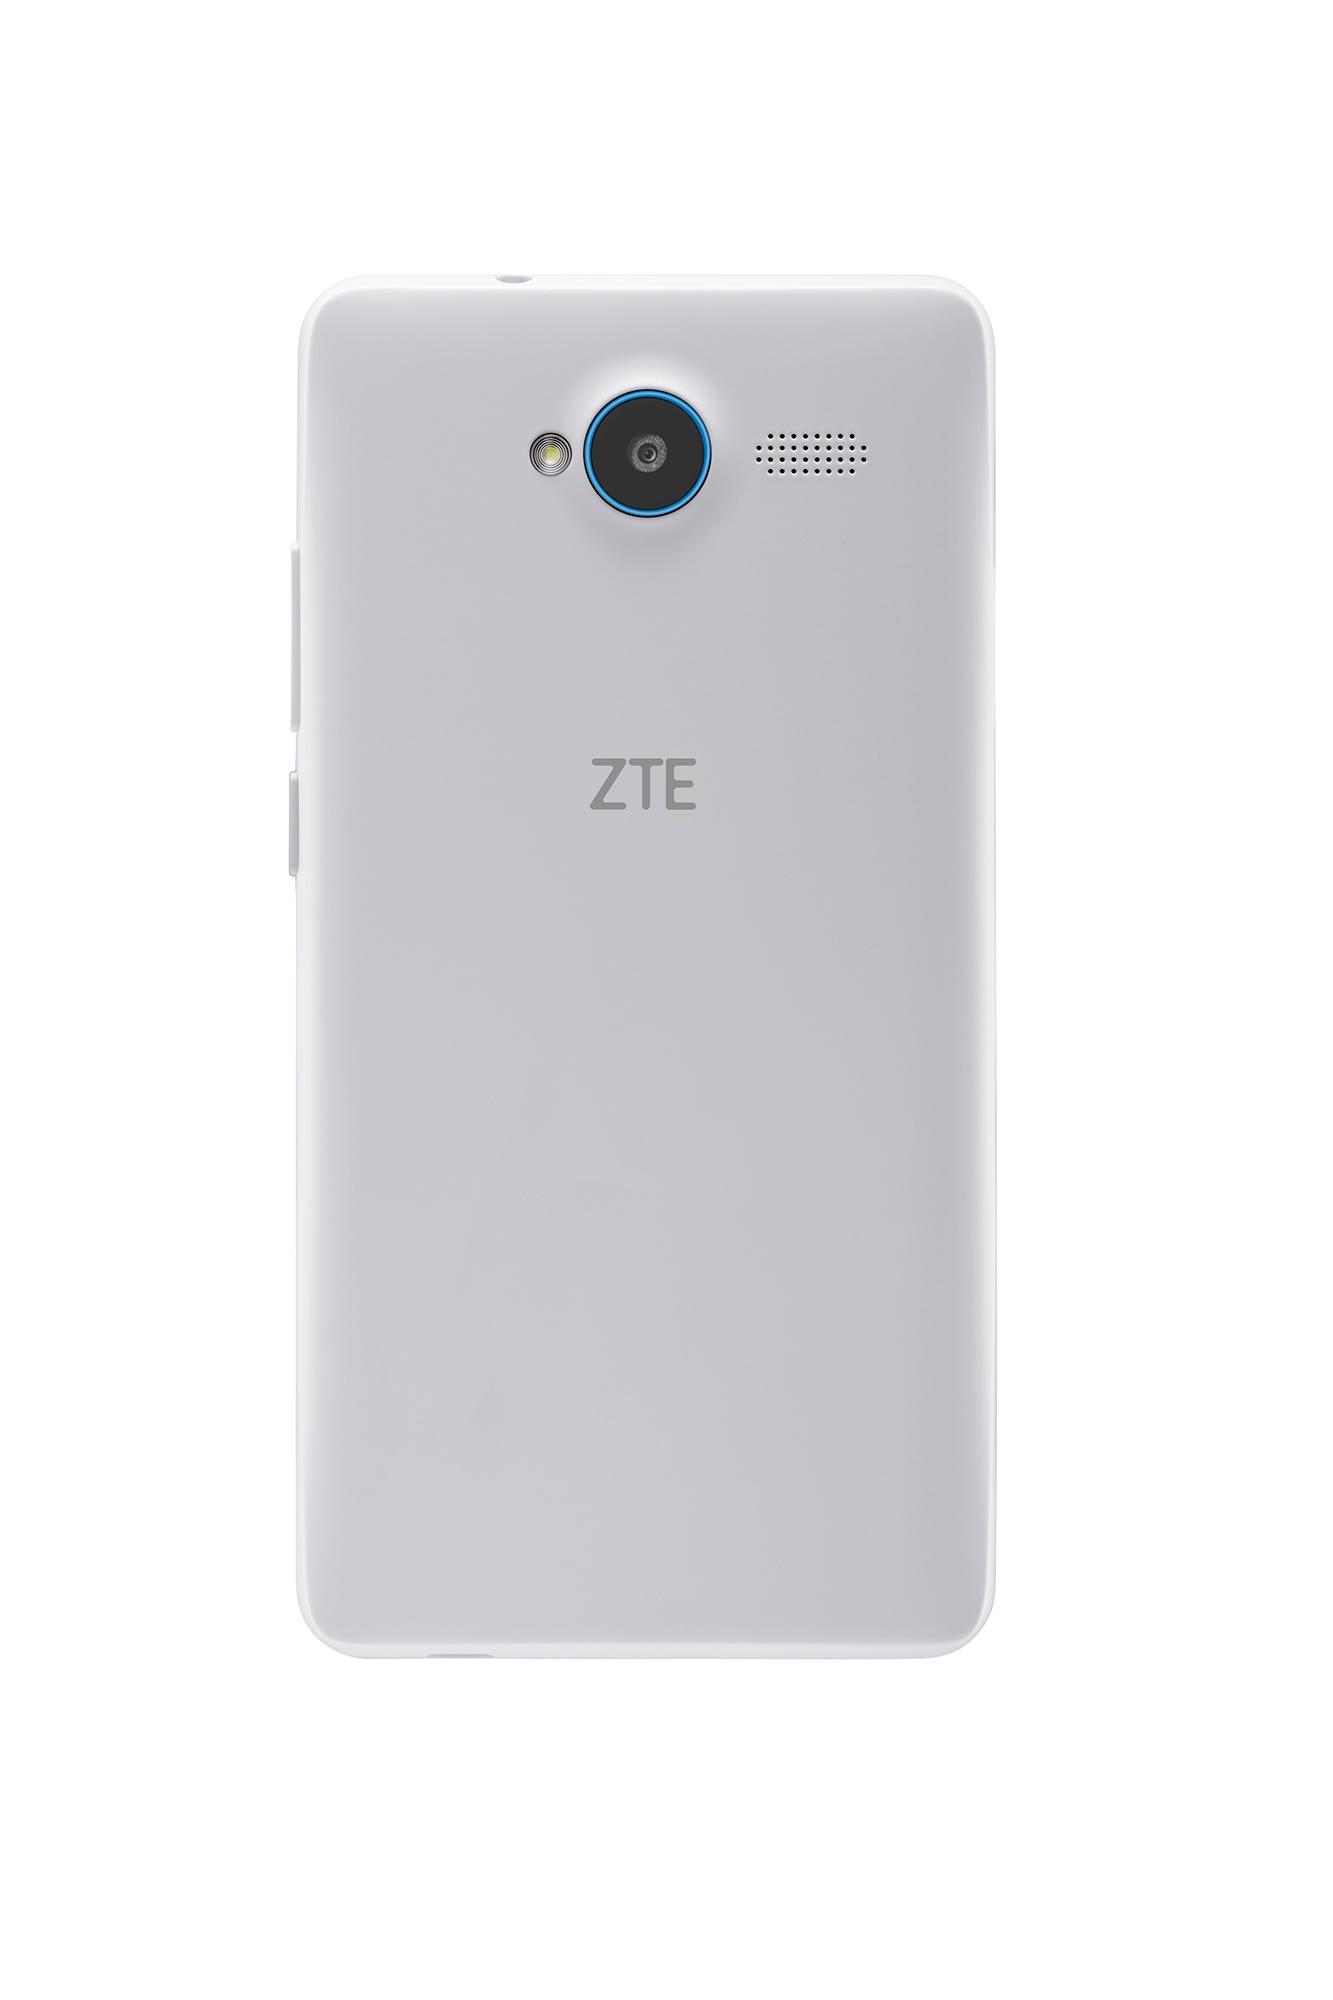 ZTE Blade L3 detalle de la cámara